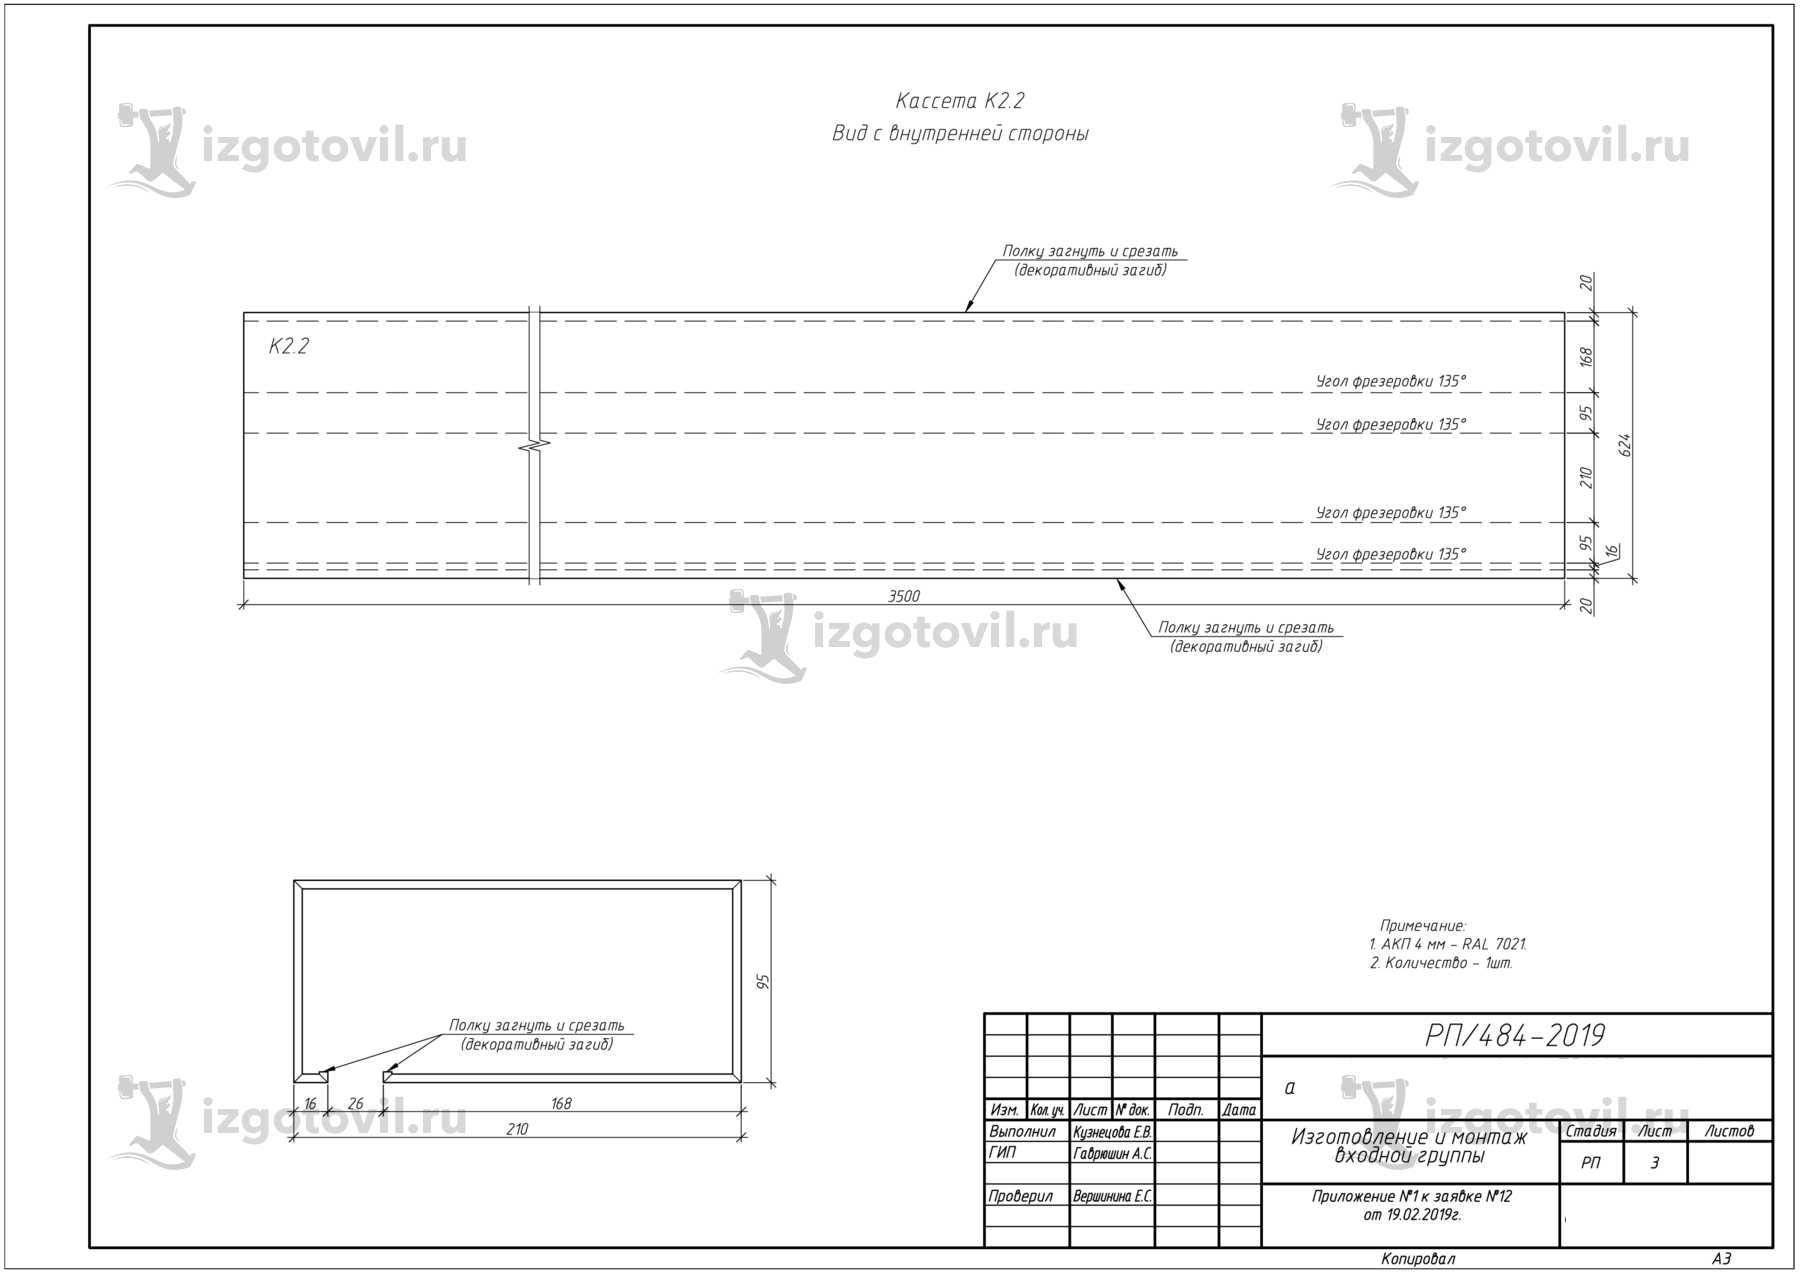 Изготовление деталей на заказ (Кассеты из композита РП 484)